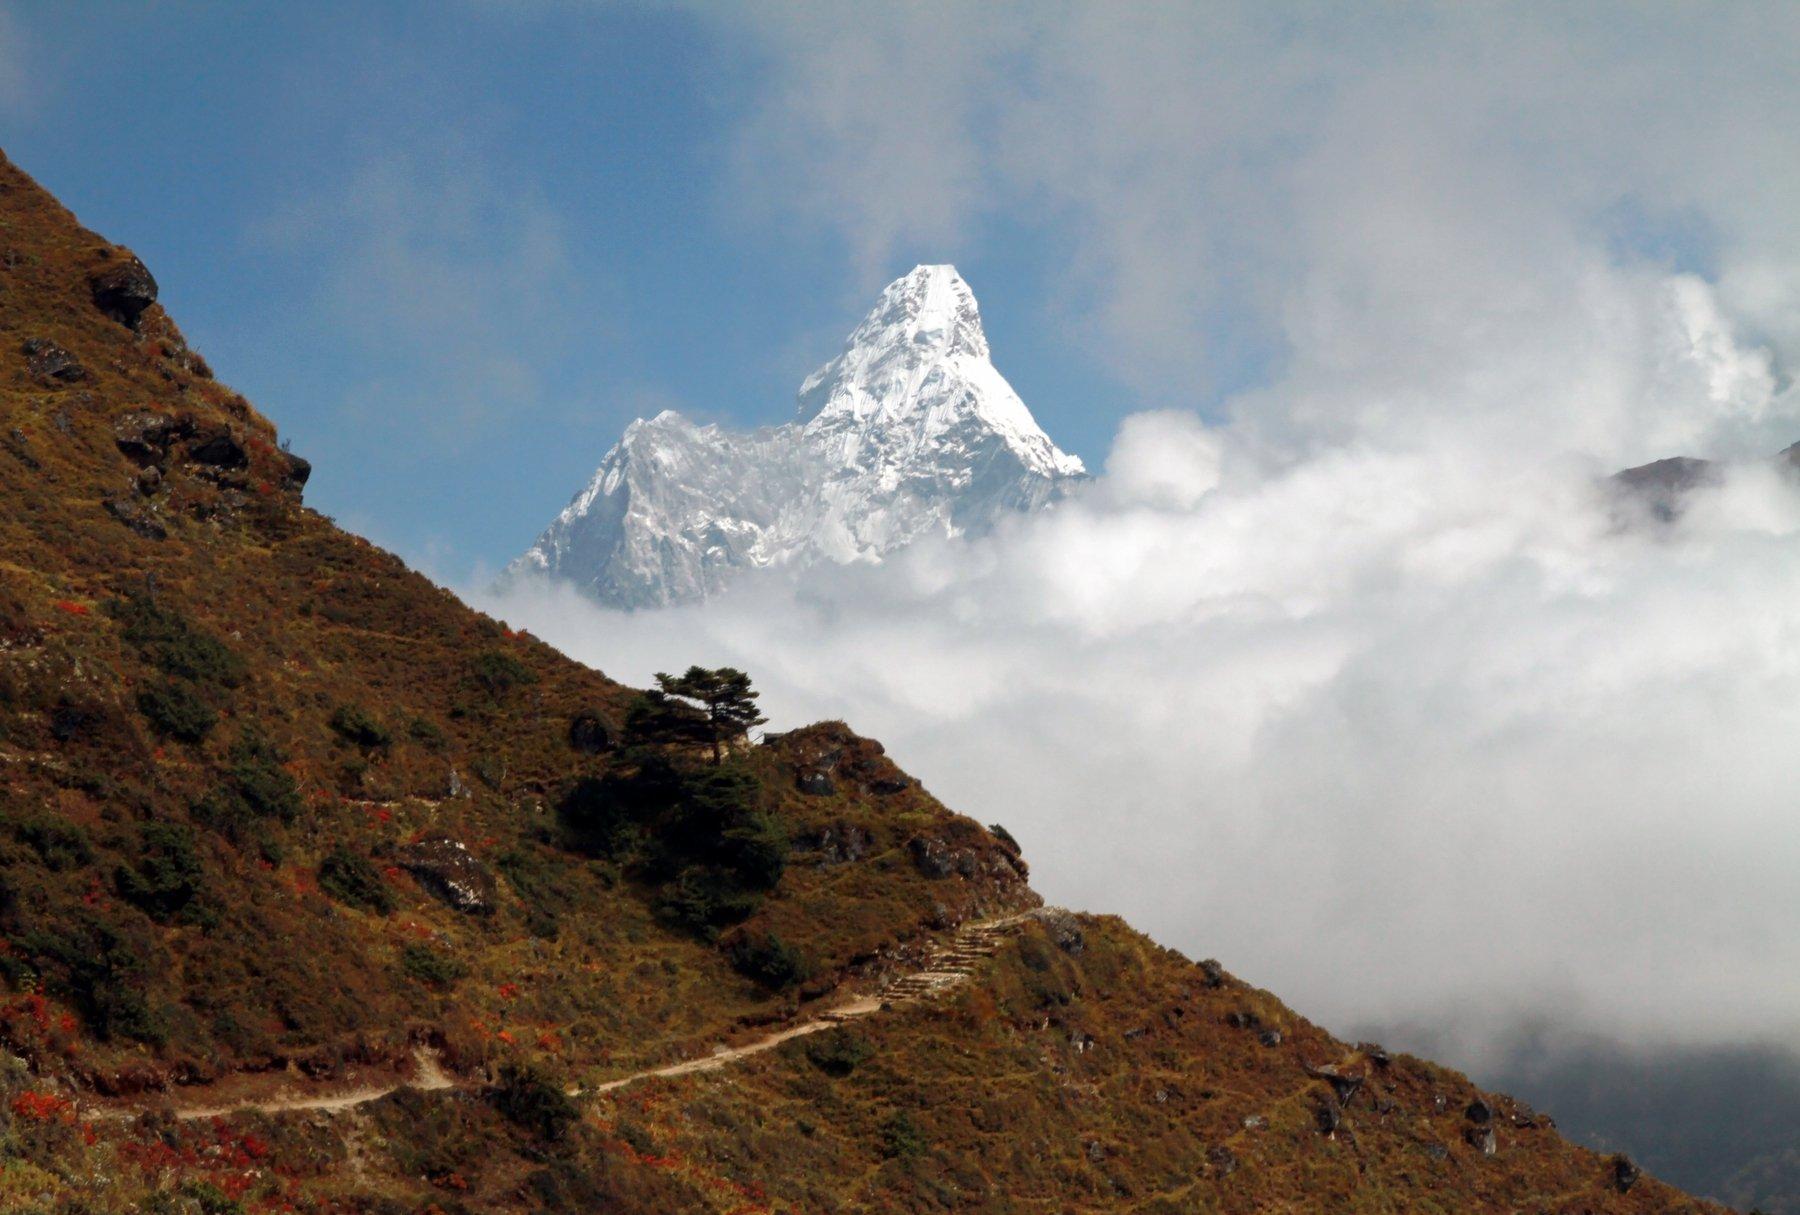 Непал, Гималаи, Ама Даблам., Ekaterina Velichko